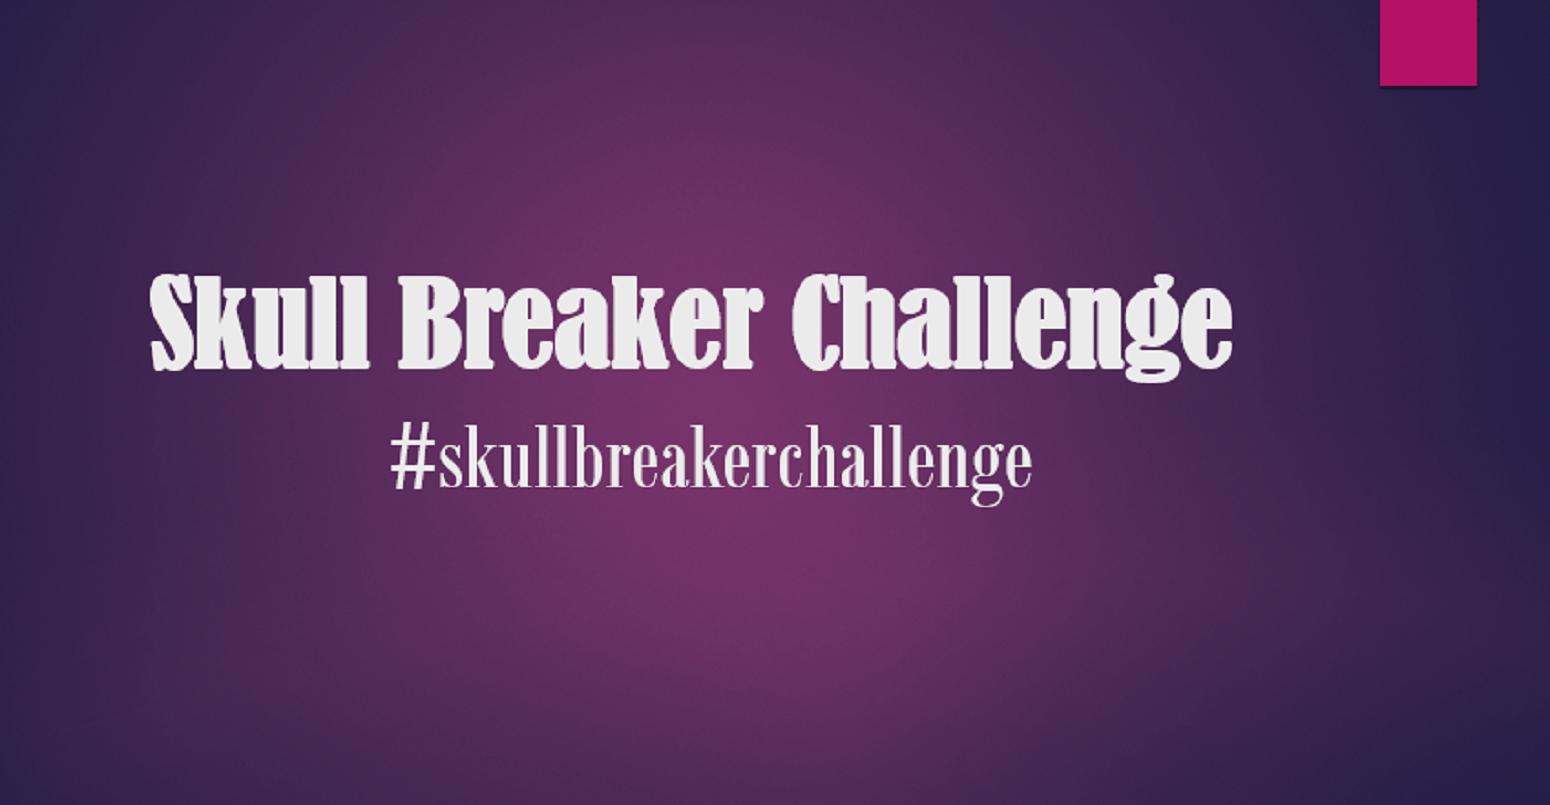 Skull Breaker Challenge